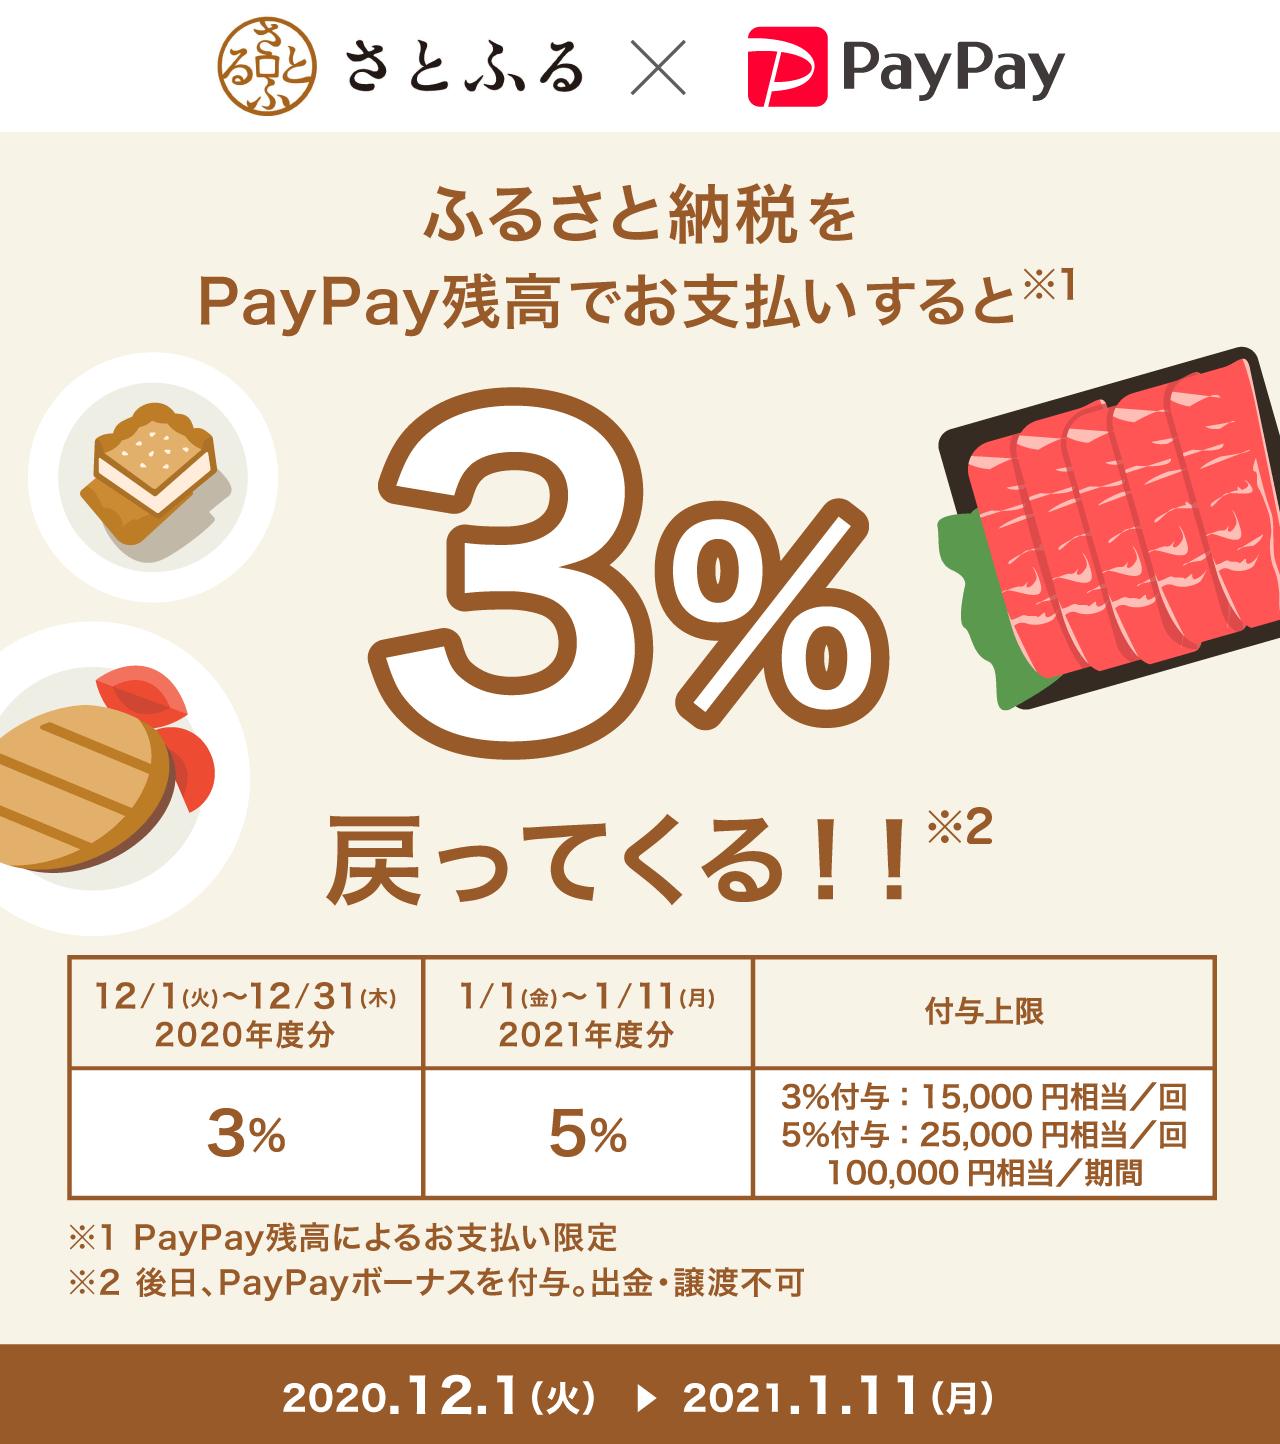 ふるさと納税をPayPay残高でお支払いすると3%戻ってくる!!